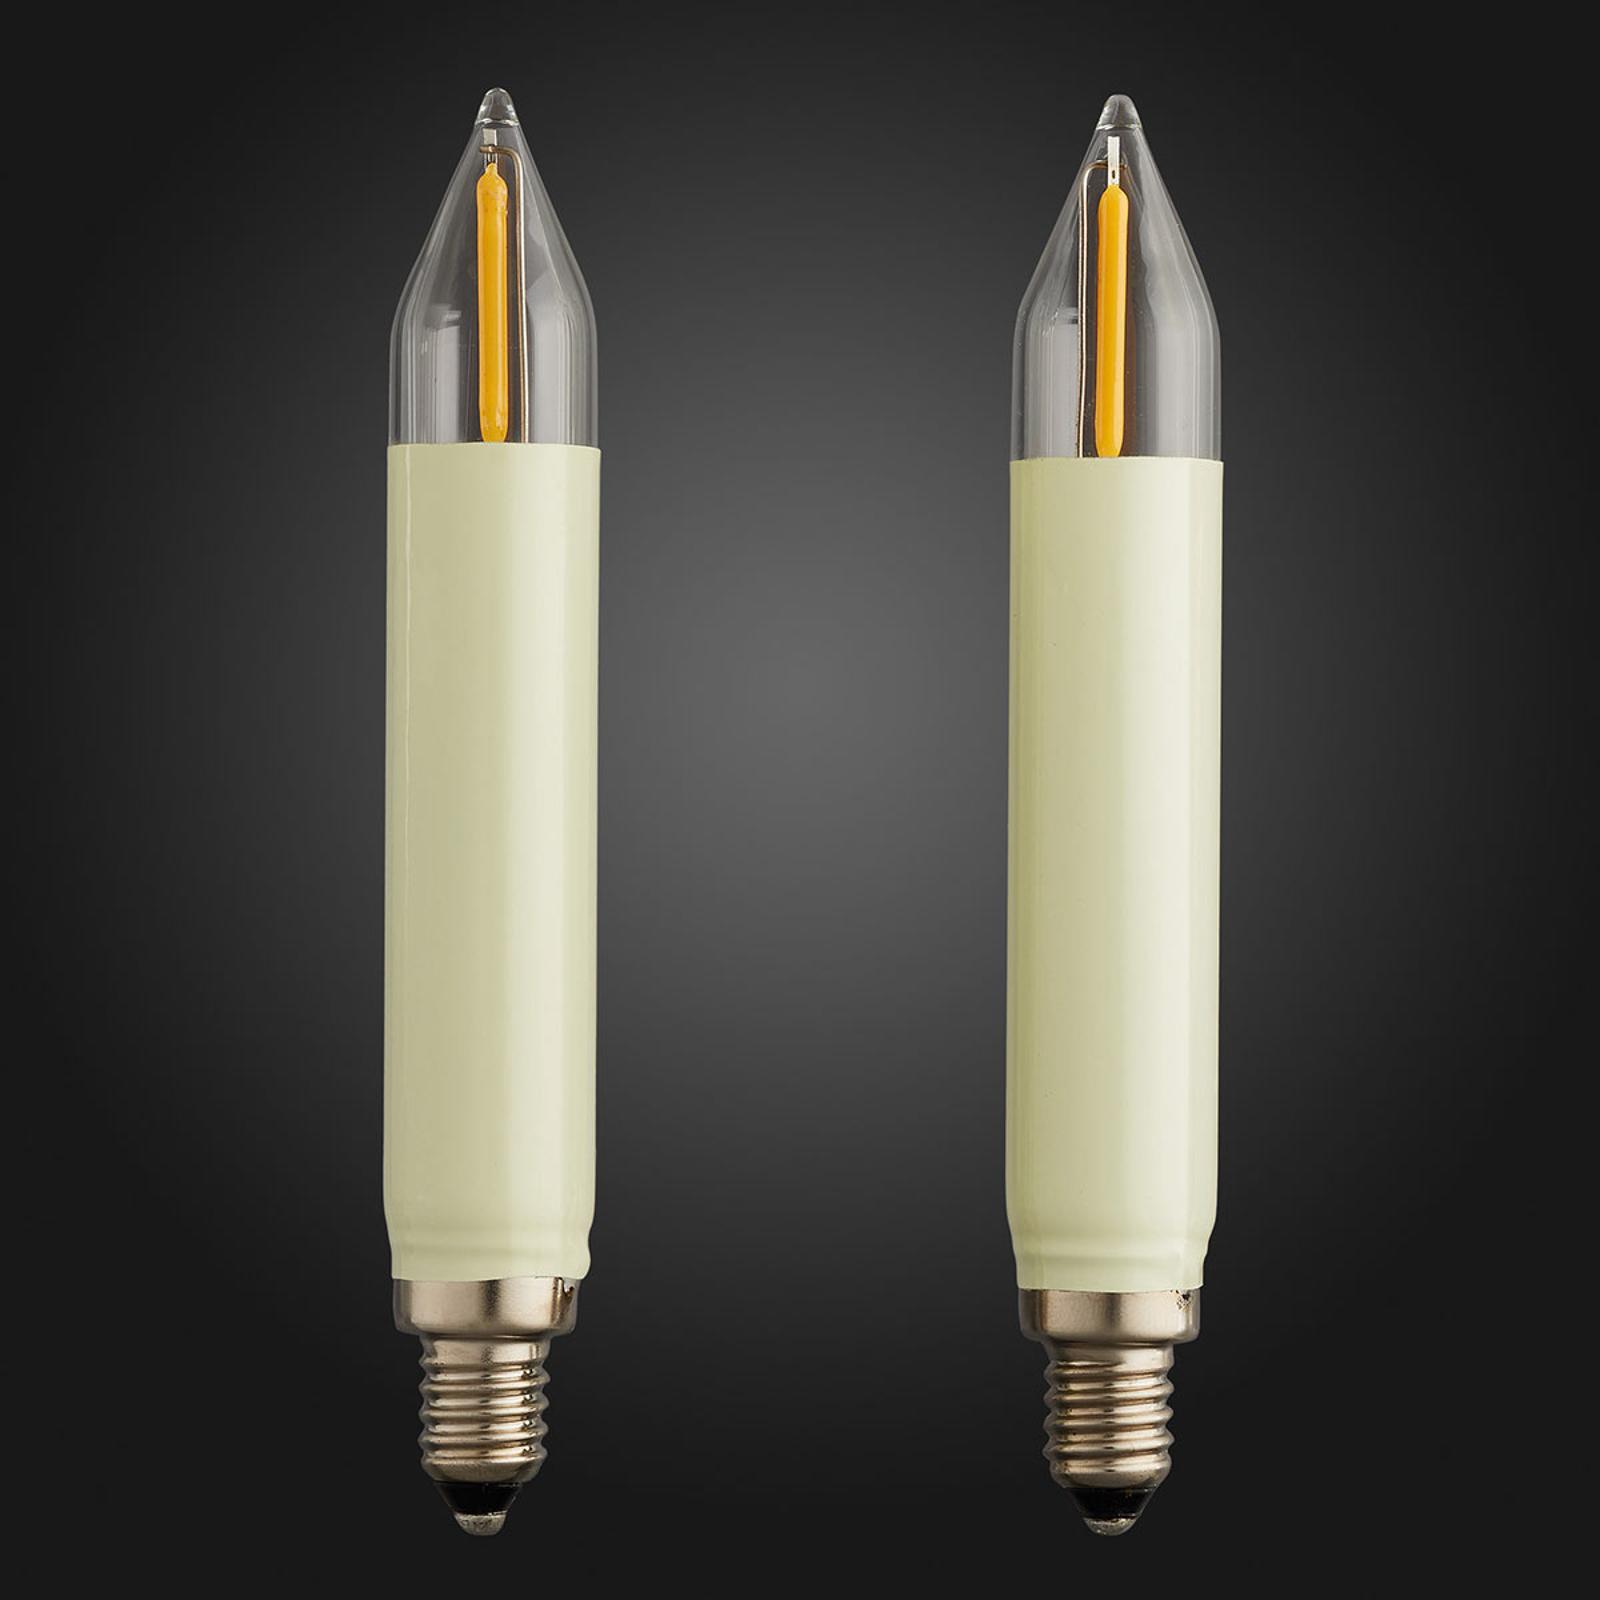 E10 0,5W 8V lampadina a candela LED conf. da 2